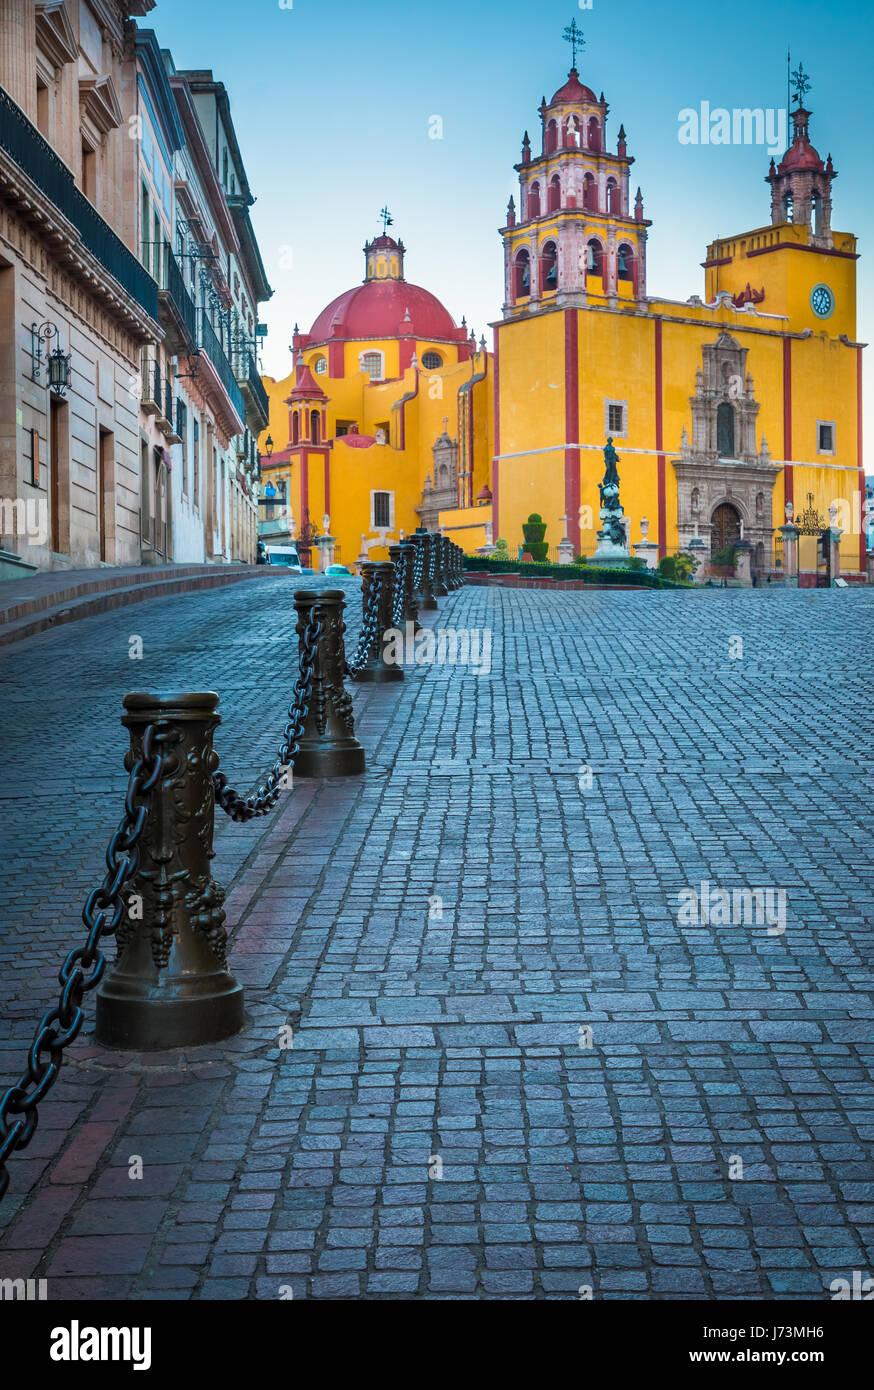 La basilique collégiale de Nuestra Señora de Guanajuato est considéré comme l'un des plus Photo Stock